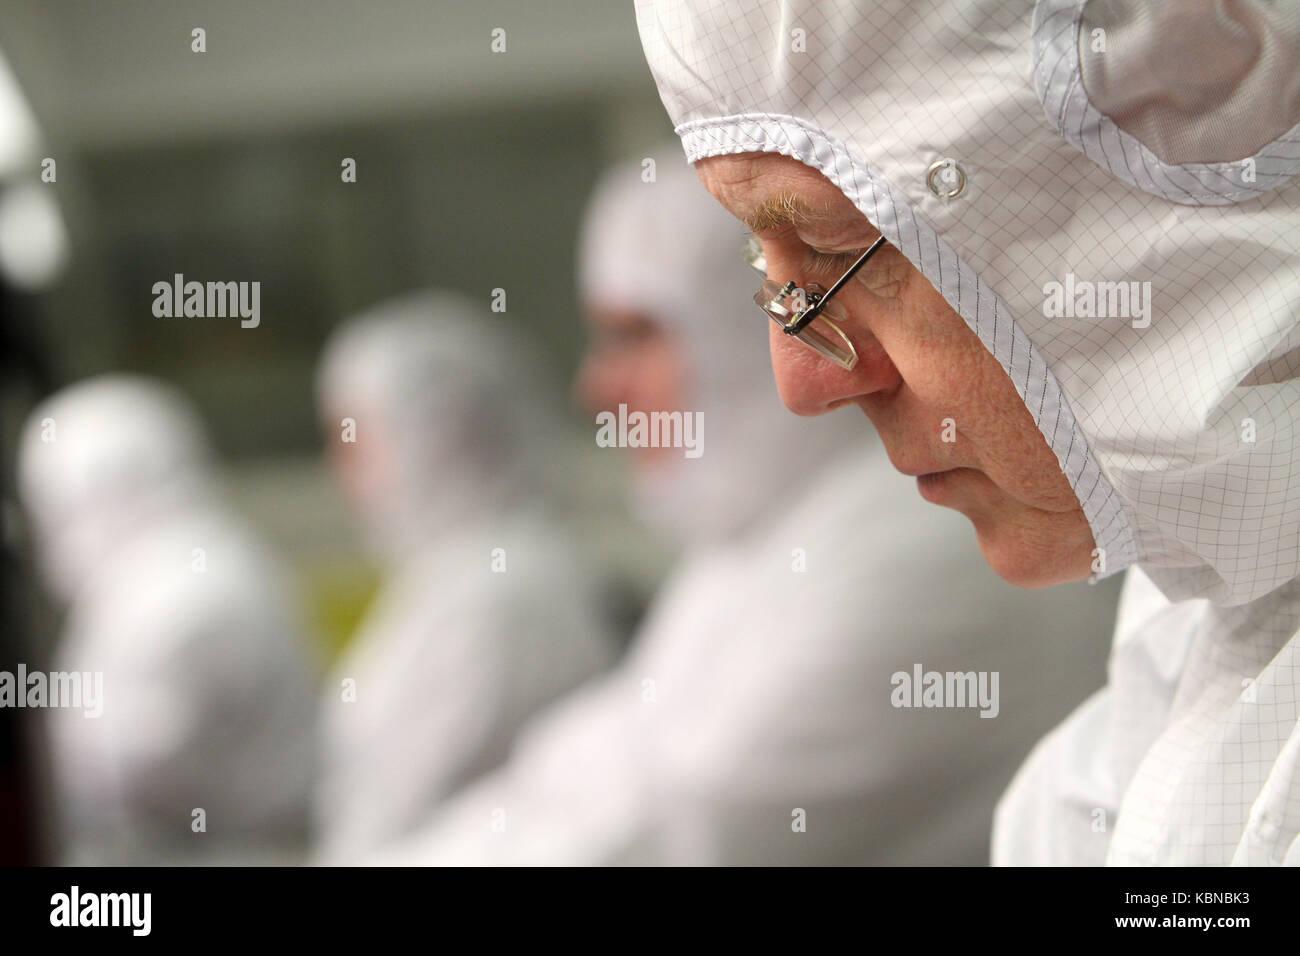 Gli scienziati che lavorano in ambiente sterile Immagini Stock